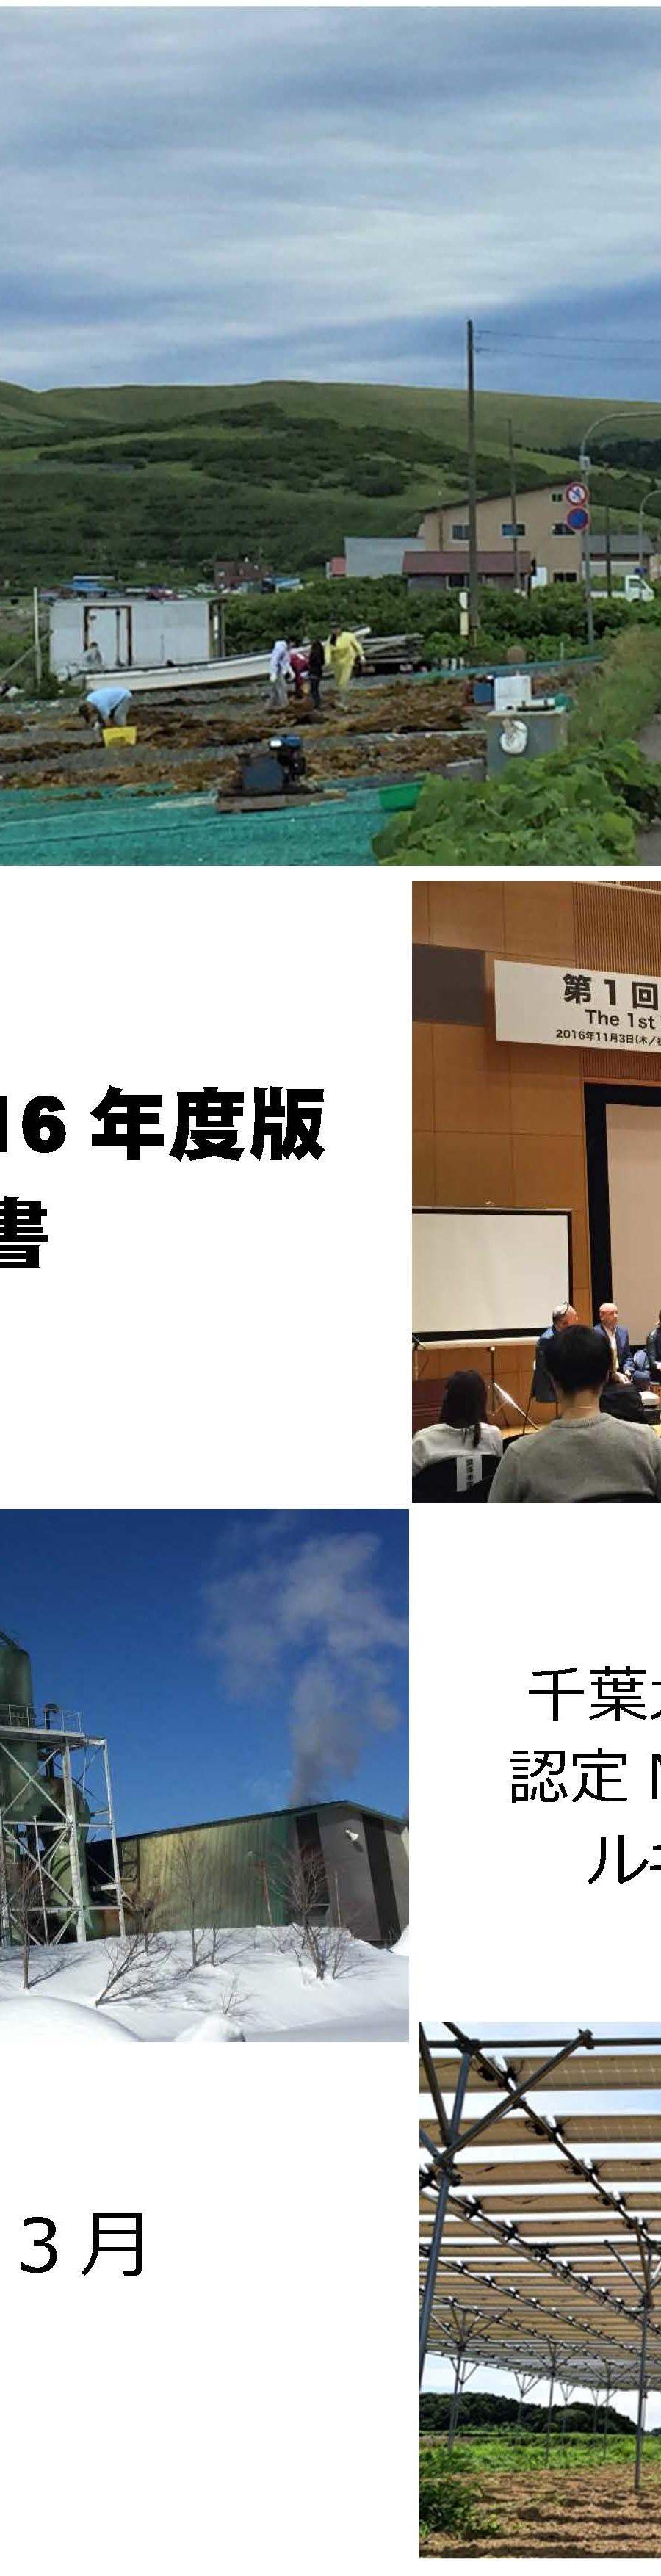 永続地帯2016 年度版報告書 都道府県分析表